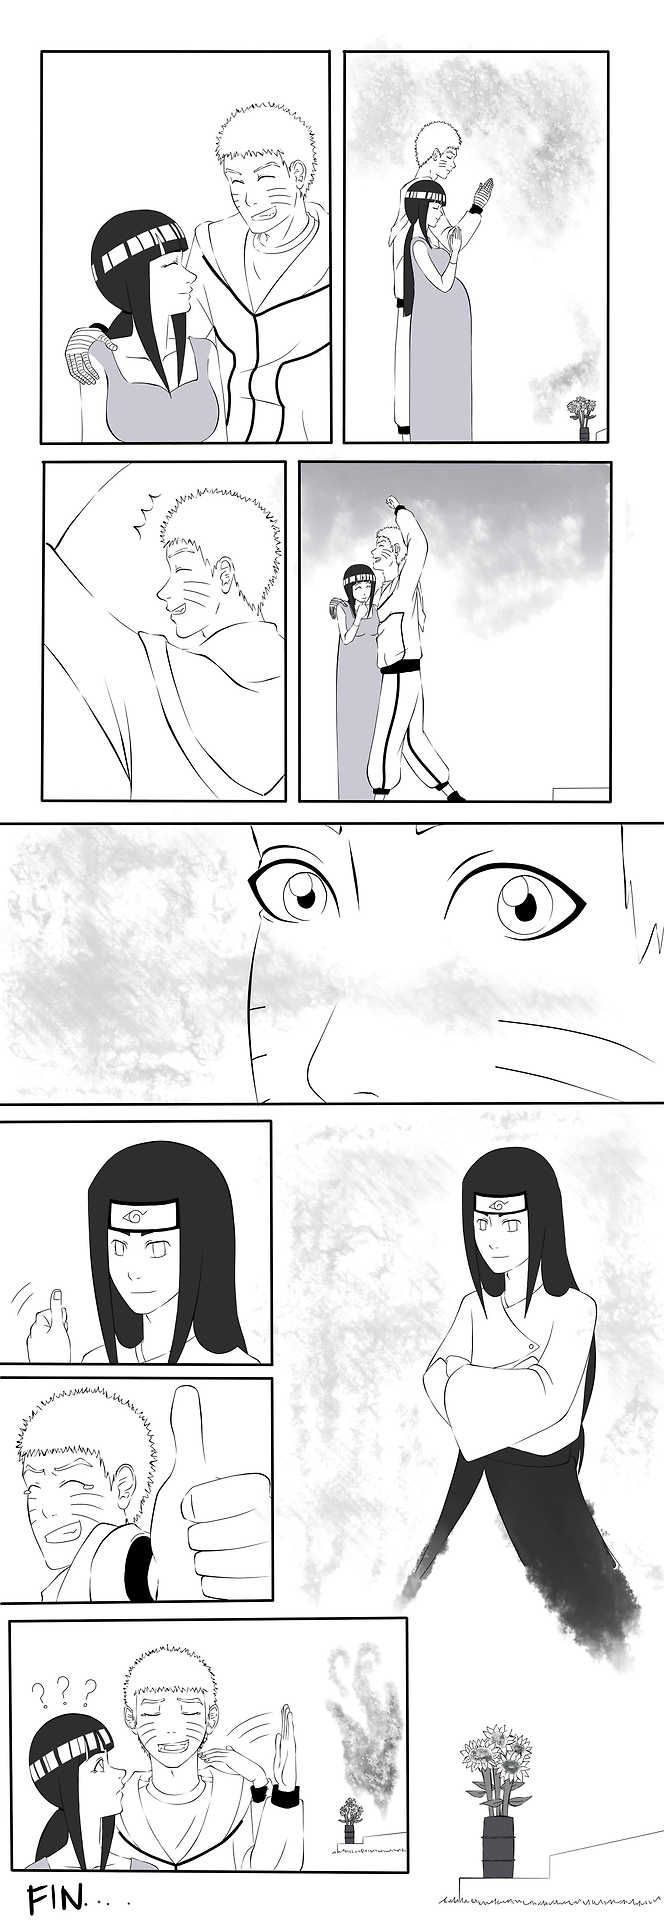 naruhinaislove Komik naruto, Naruto comic, Naruto uzumaki